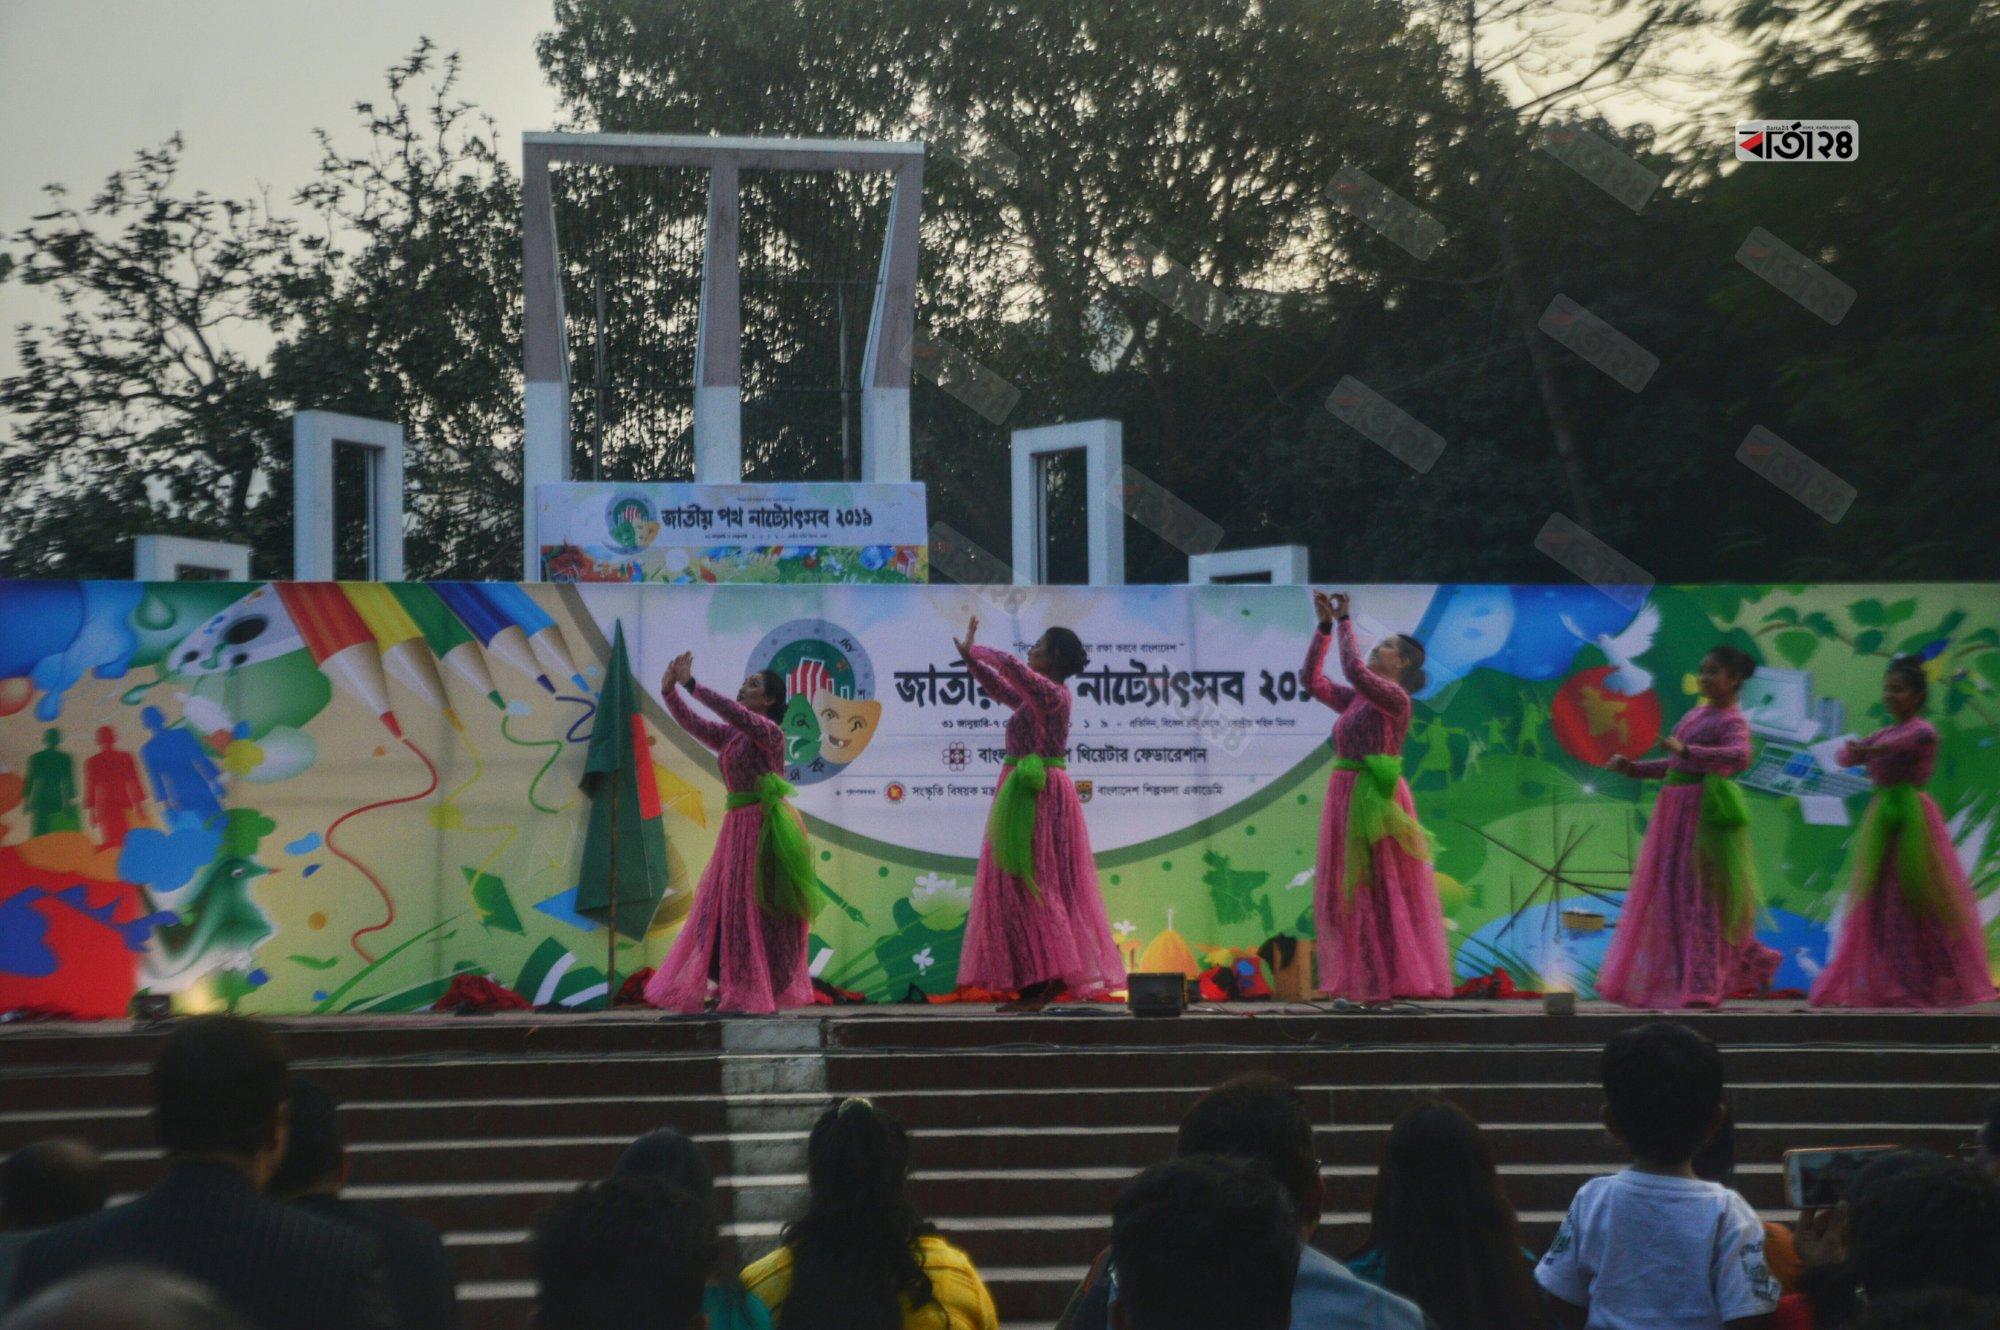 কেন্দ্রীয় শহীদ মিনারে ৮ দিনব্যাপী জাতীয় পথ নাট্যোৎসব উদ্বোধন শেষে বিভিন্ন সংগঠনের নাট্যকর্মীদের অংশগ্রহনের মাধ্যমে কোরিওগ্রাফী প্রদর্শিত হয়। ছবি : সুমন শেখ